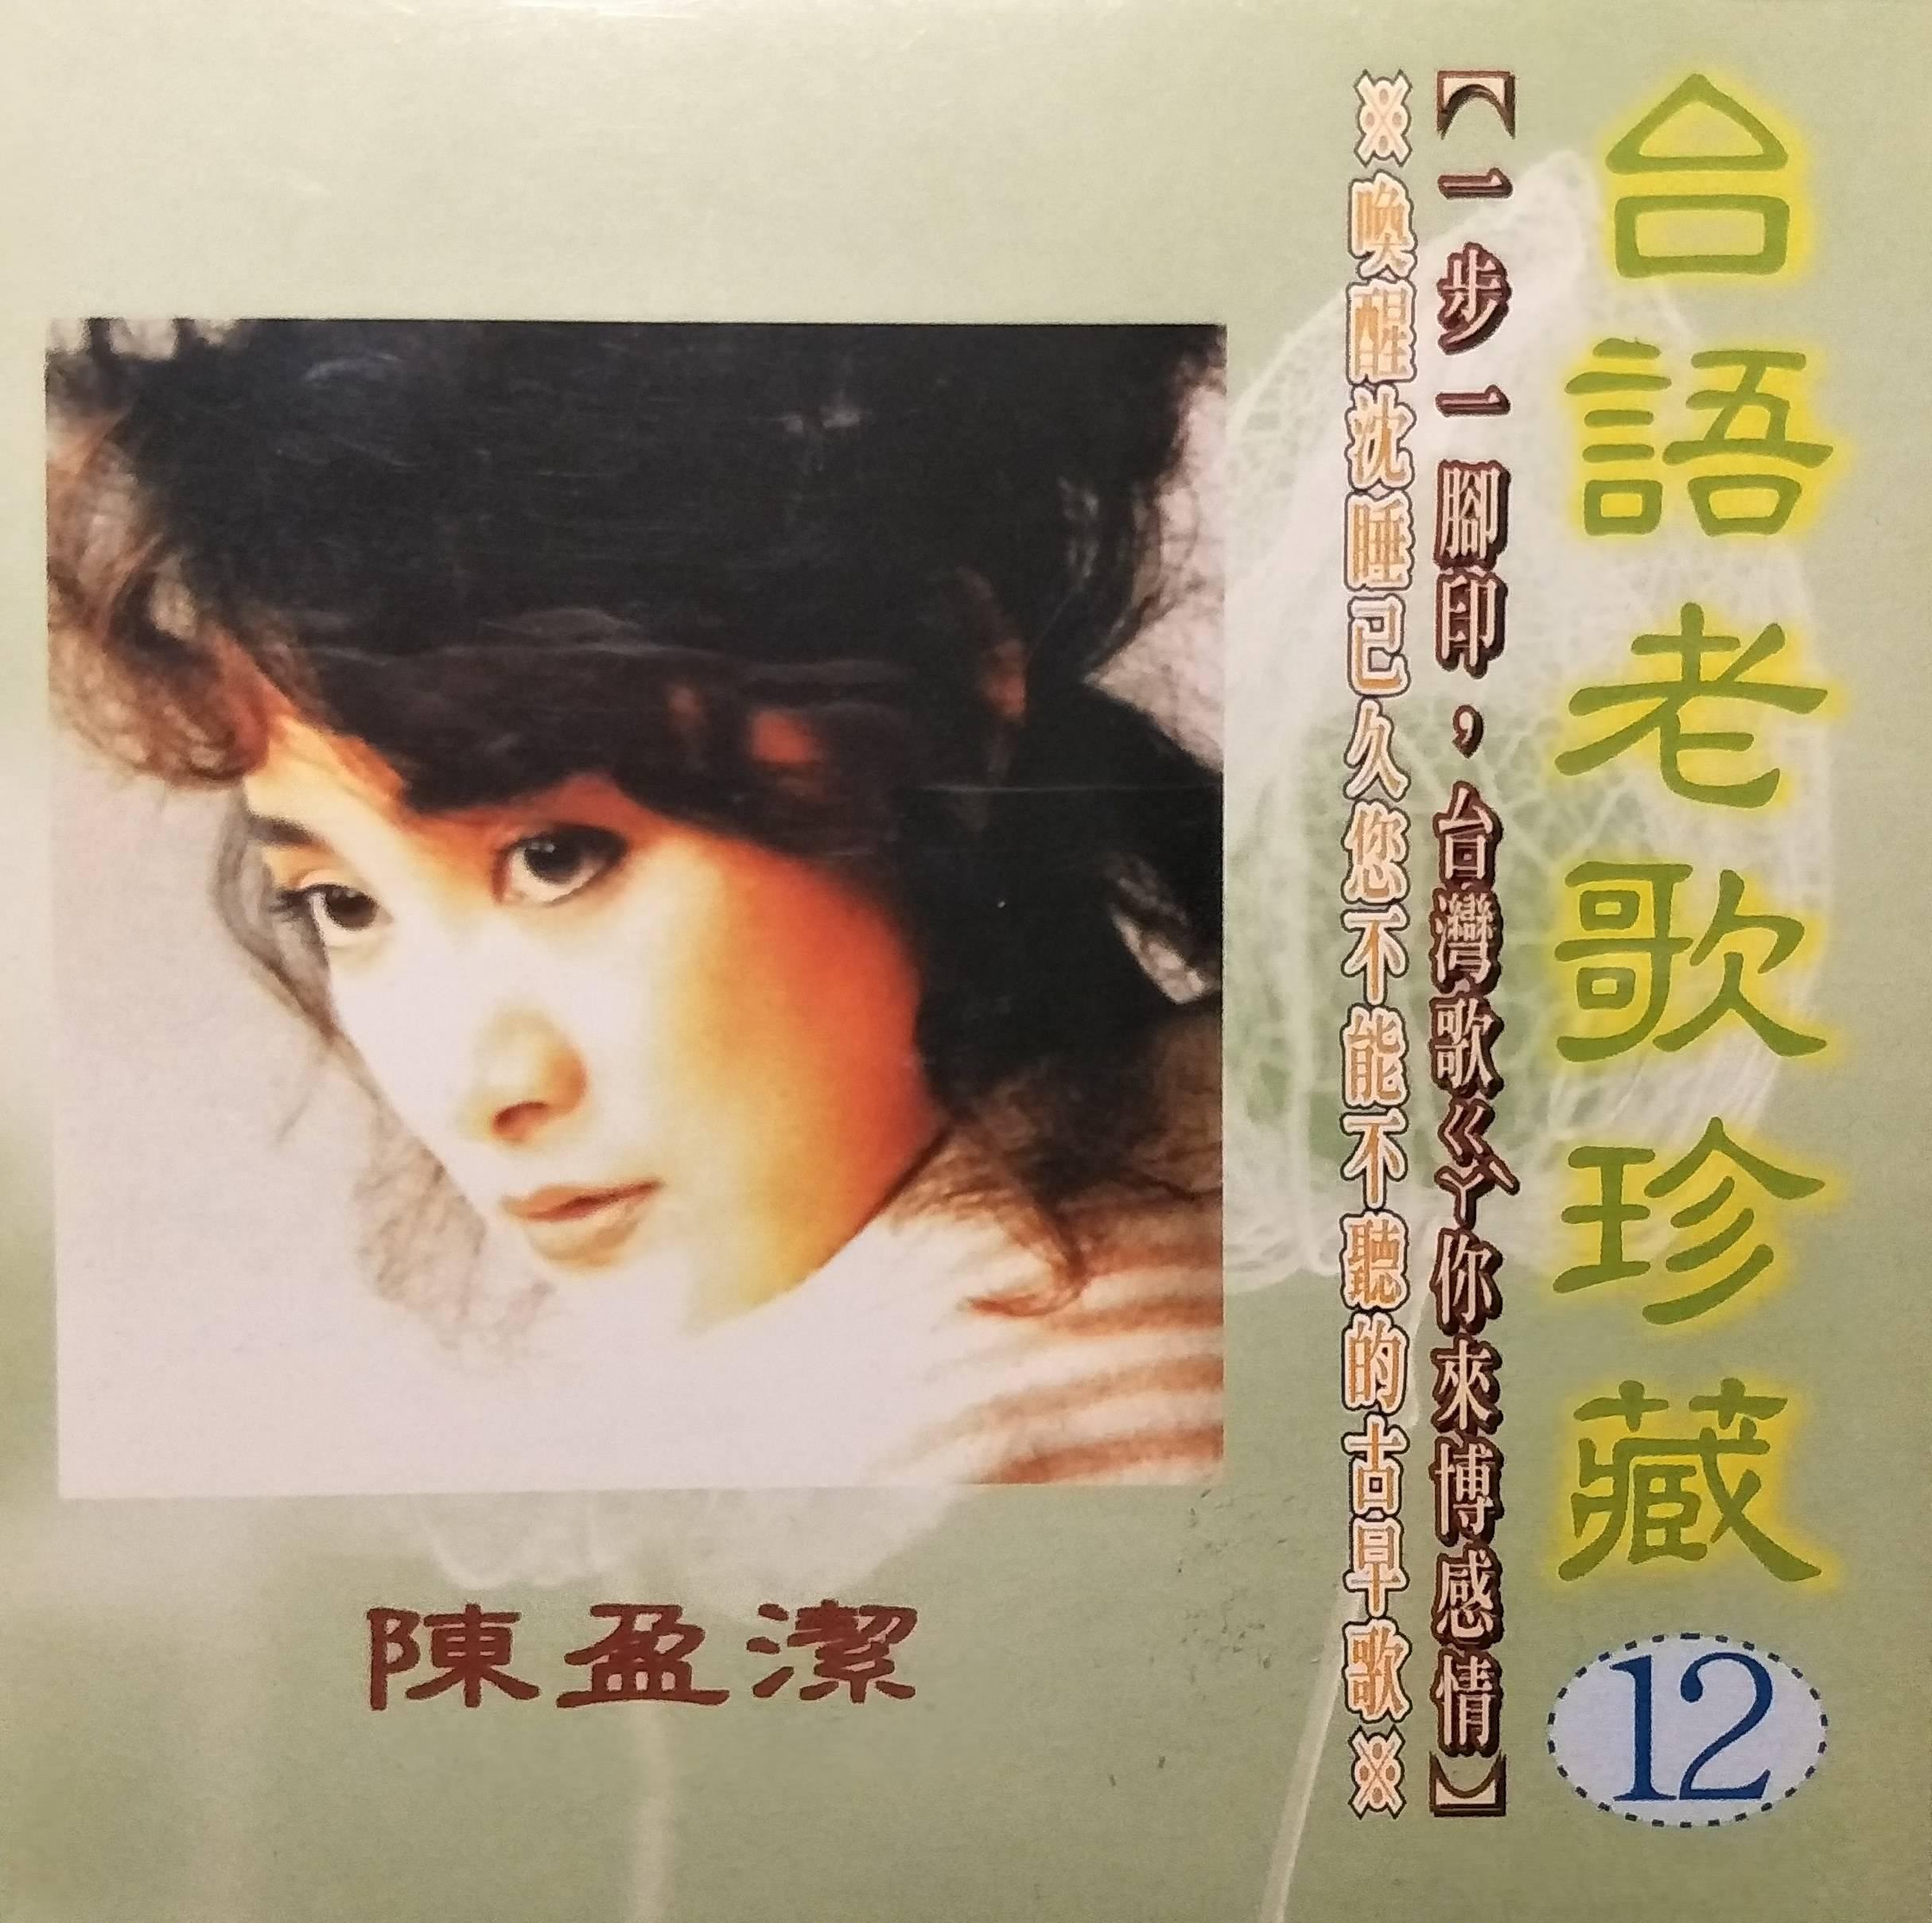 陳盈潔 - 臺語老歌珍藏12   金企鵝唱片